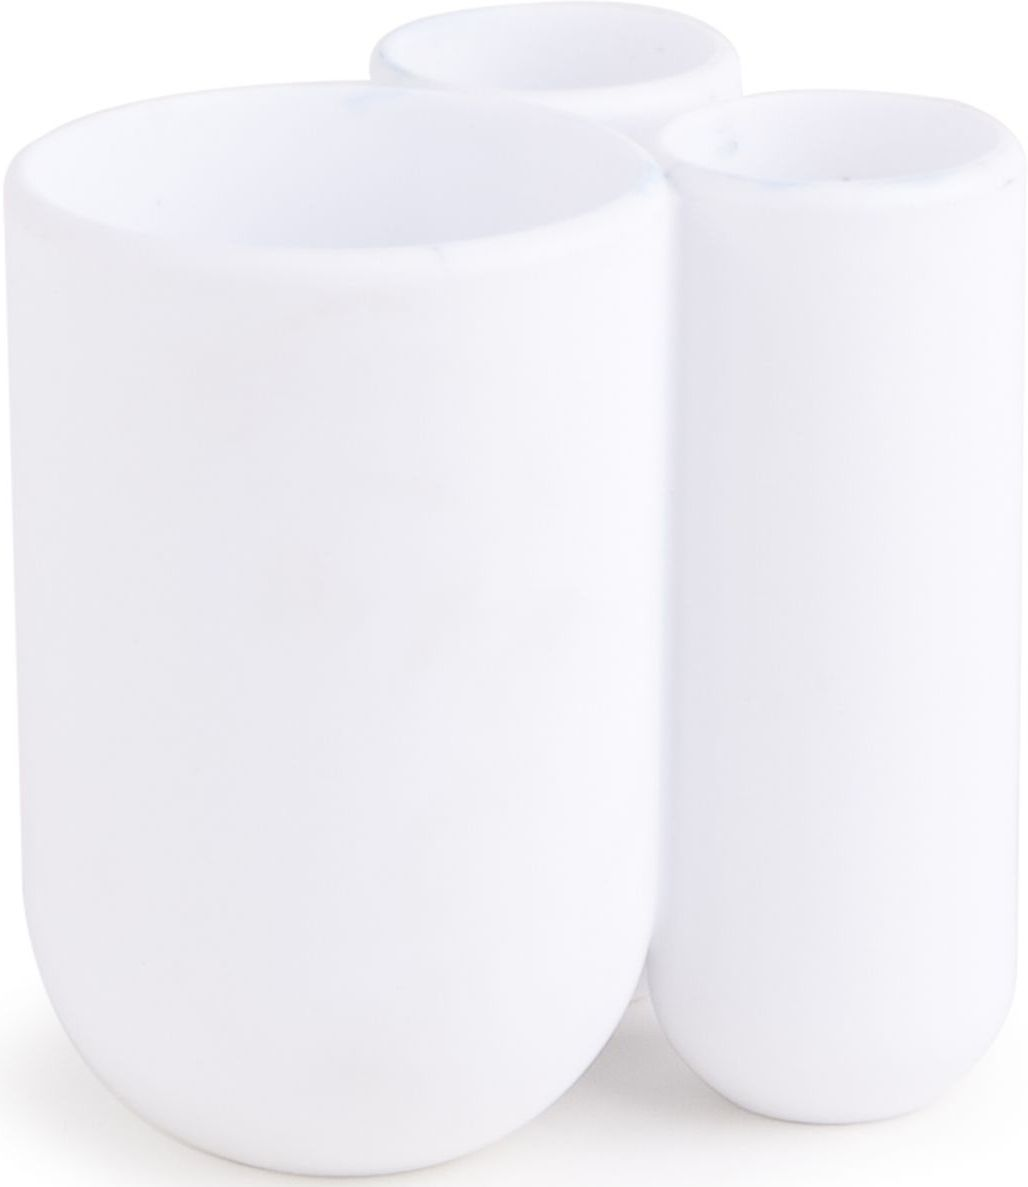 Стакан для зубных щеток Umbra Touch, цвет: белый, 10 х 7 х 8 см68/5/3Функциональность стакана для зубных щеток неоспорима - где же еще их хранить. Немного поэкспериментировав с формой, дизайнеры создали подставку Touch, которая придется кстати в любом доме и вместит зубные щетки всех членов семьи и тюбик зубной пасты. Стакан выполнен из приятного на ощупь пластика.